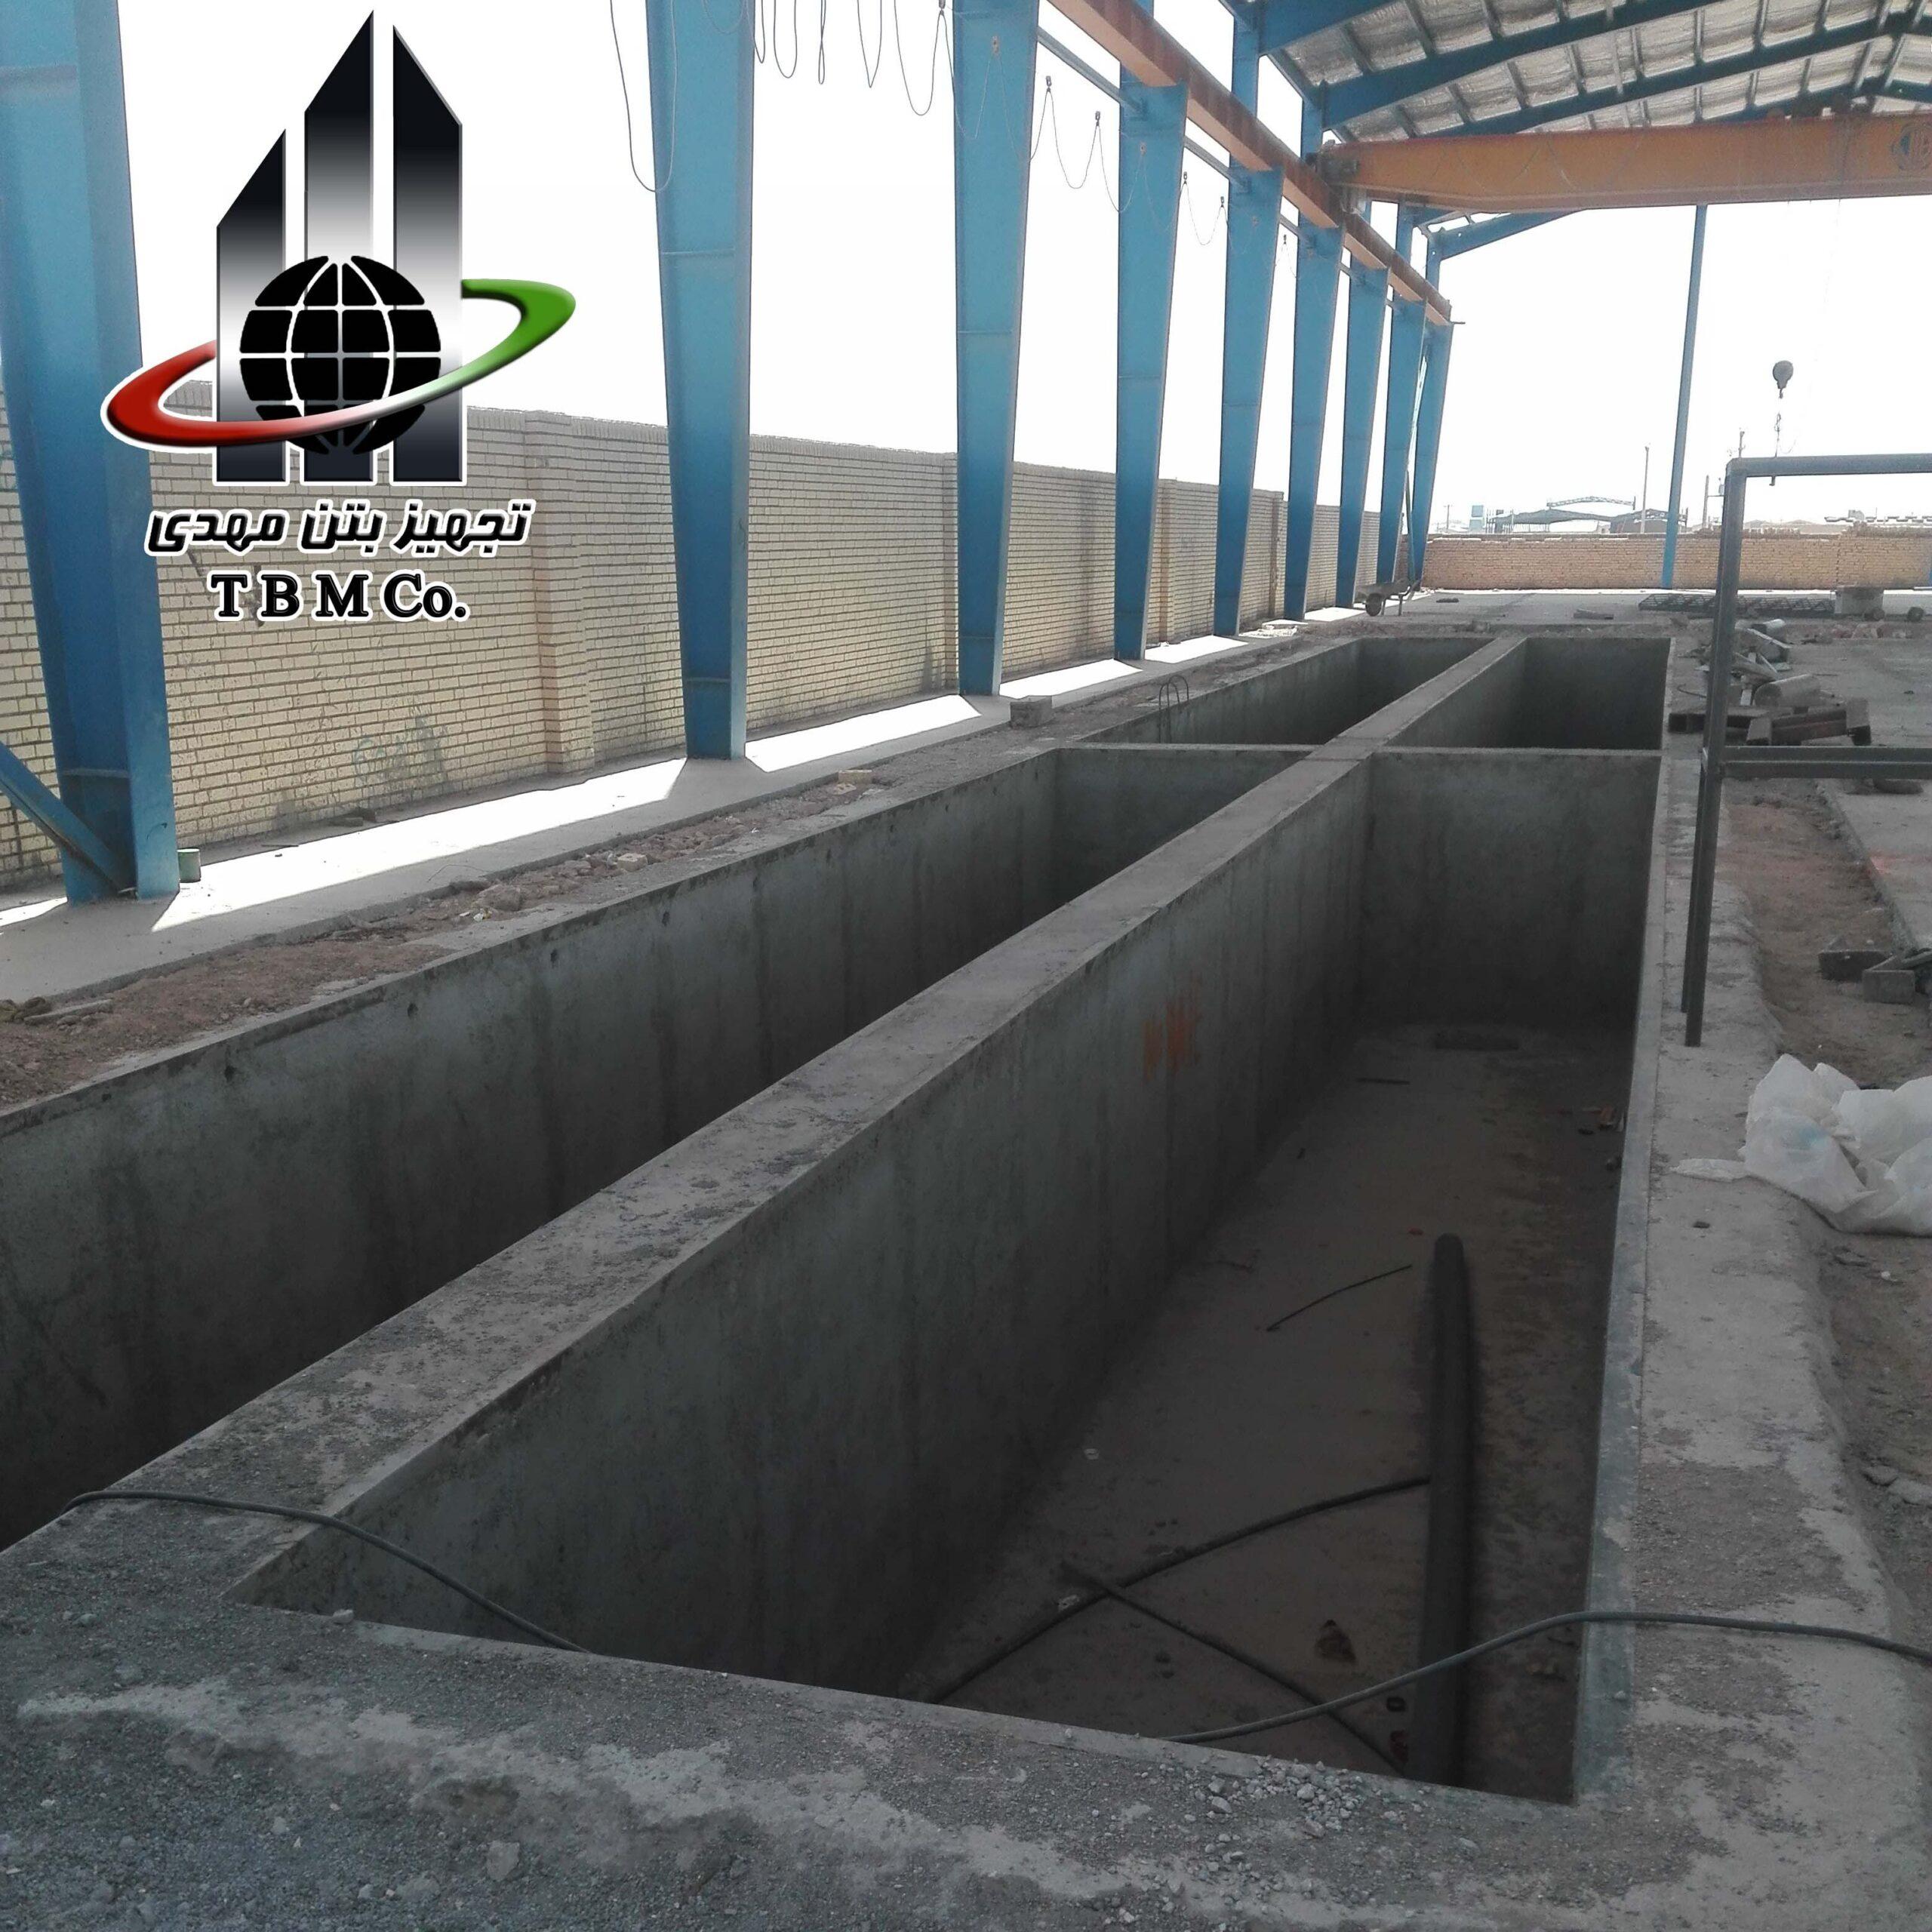 دستگاه سانتریفیوژ, خط تولید تیر گرد پیش تنیده, خط تولید تیر گرد،چاله بخار،خط تولید پایه گرد، خط تولید و قالب پایه بتنی گرد، Concrete Pole Production Line، Concrete Poles Machinery, قبل-- وشدد أقطاب ملموسه, خط إنتاج قبل-- وشدد أقطاب ملموسه ,stem hole